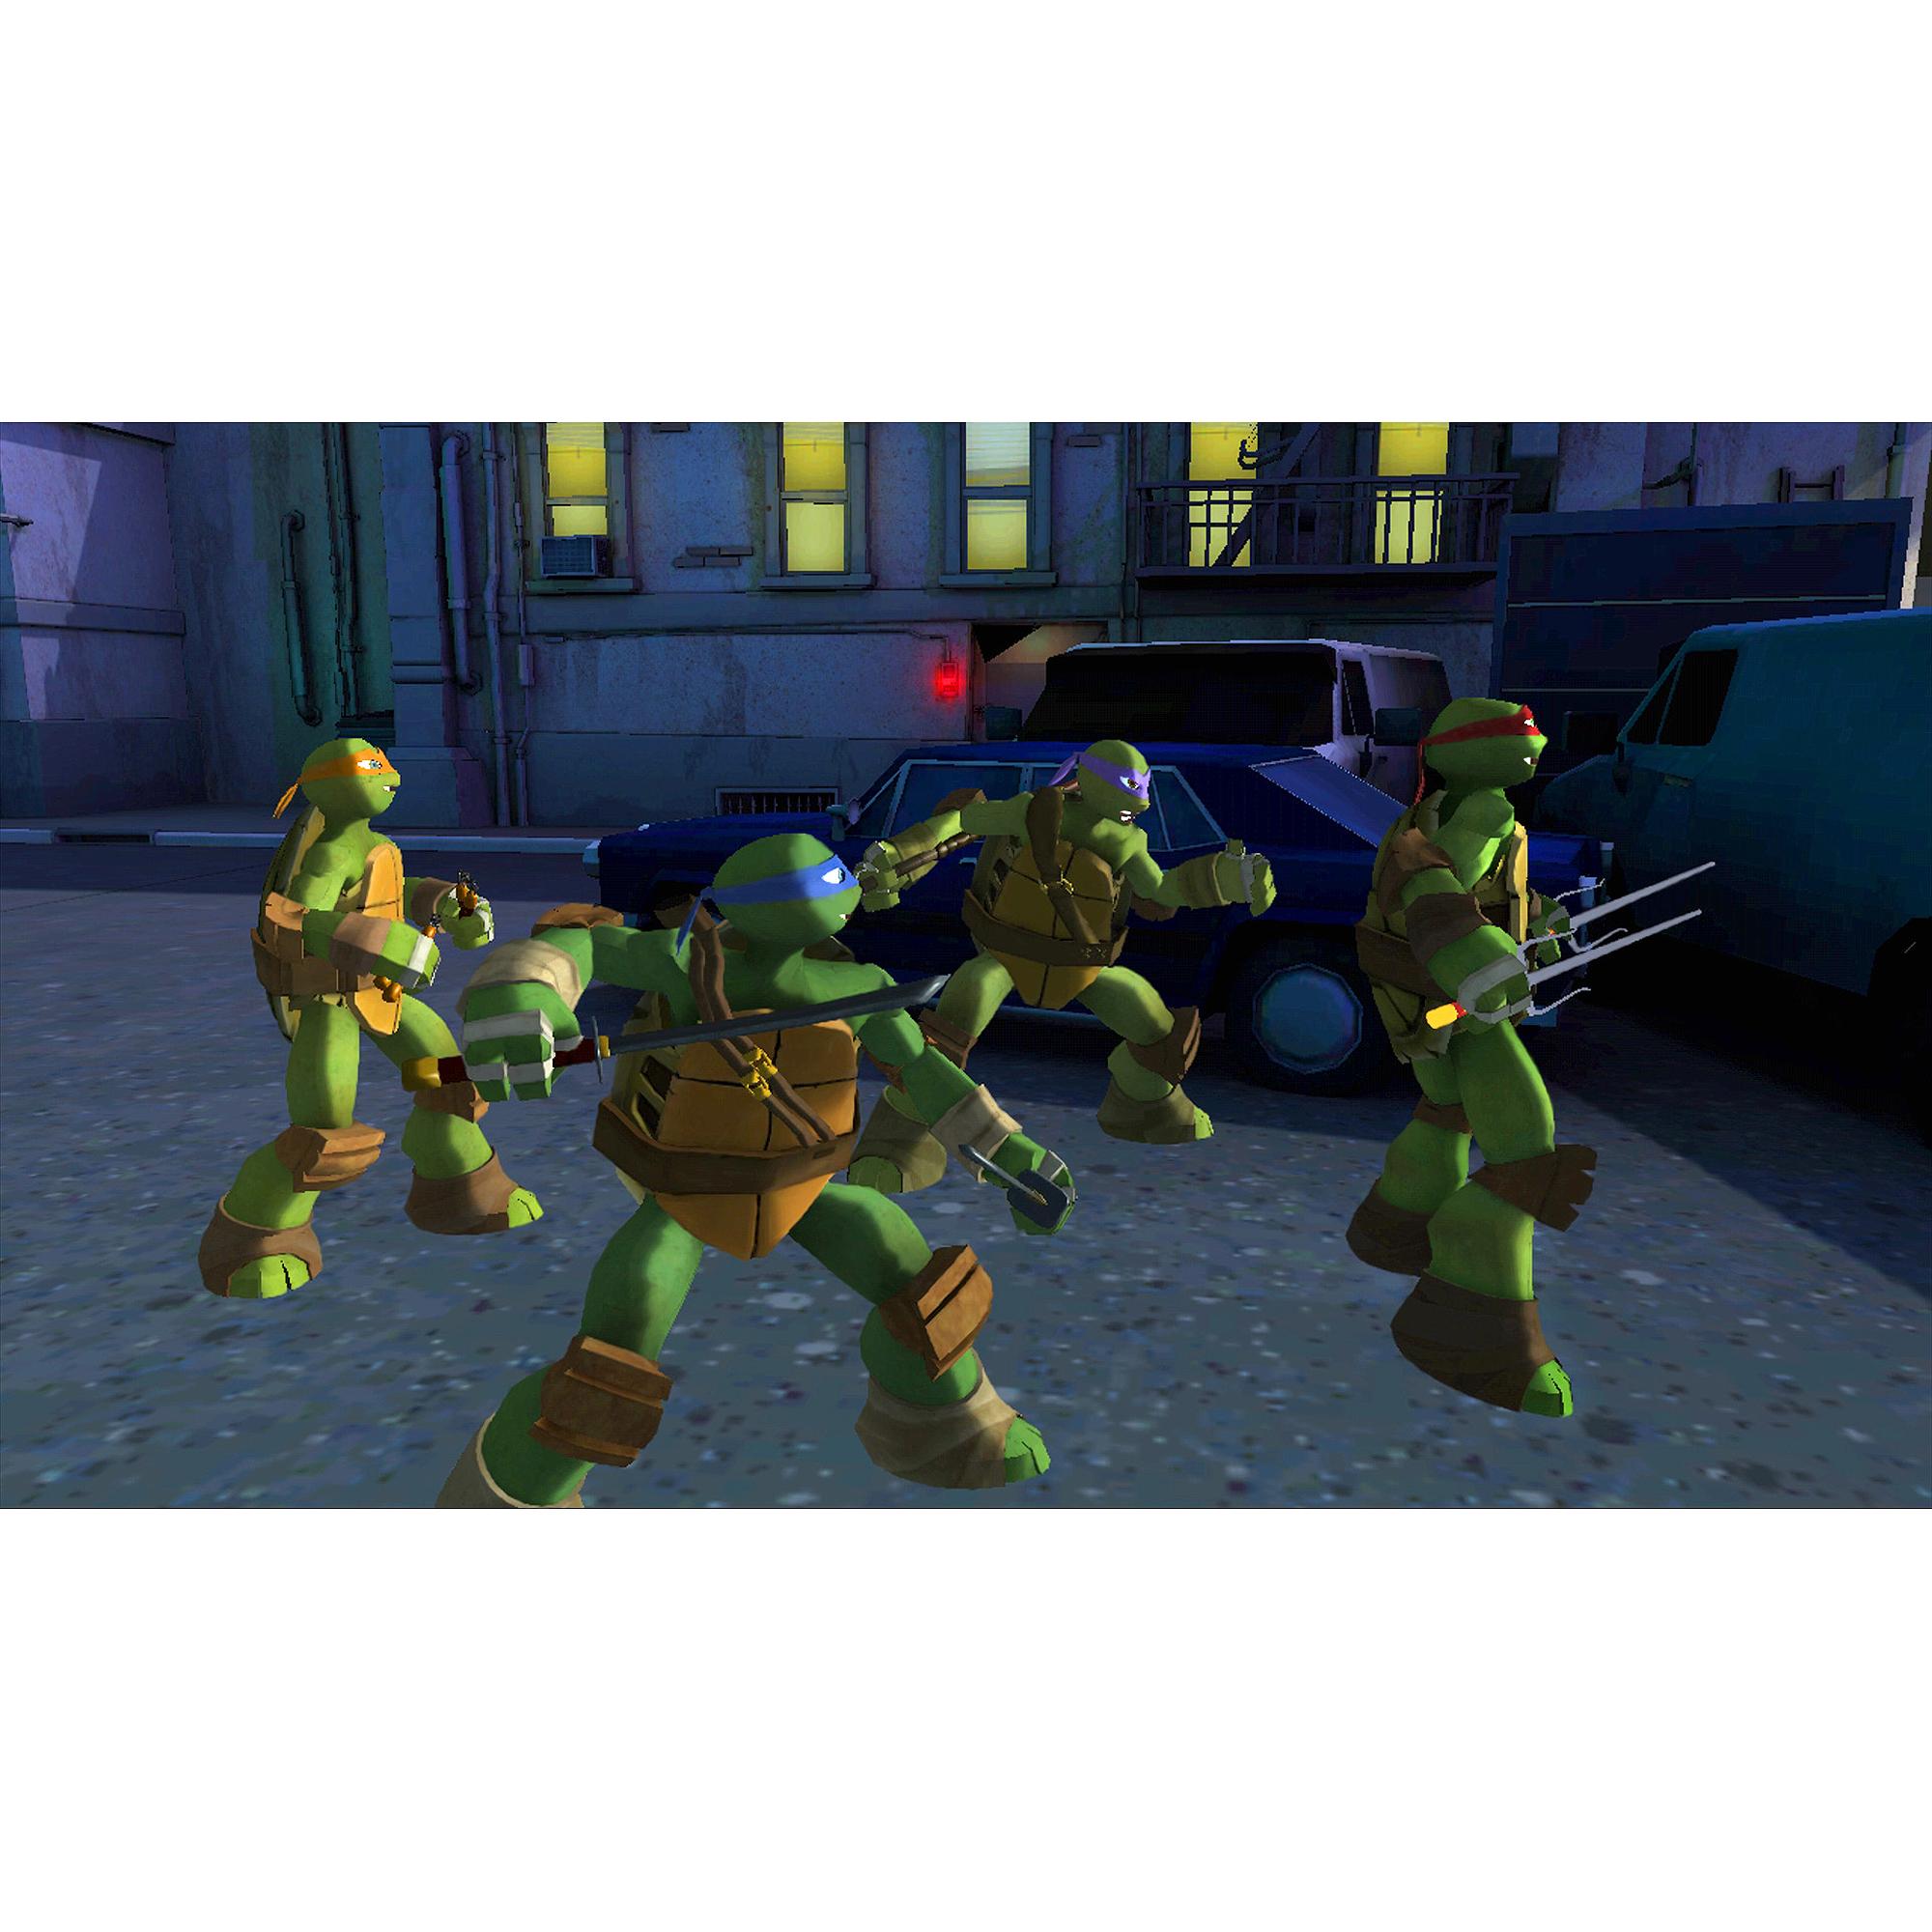 Teenage Mutant Ninja Turtles (Nintendo 3DS)